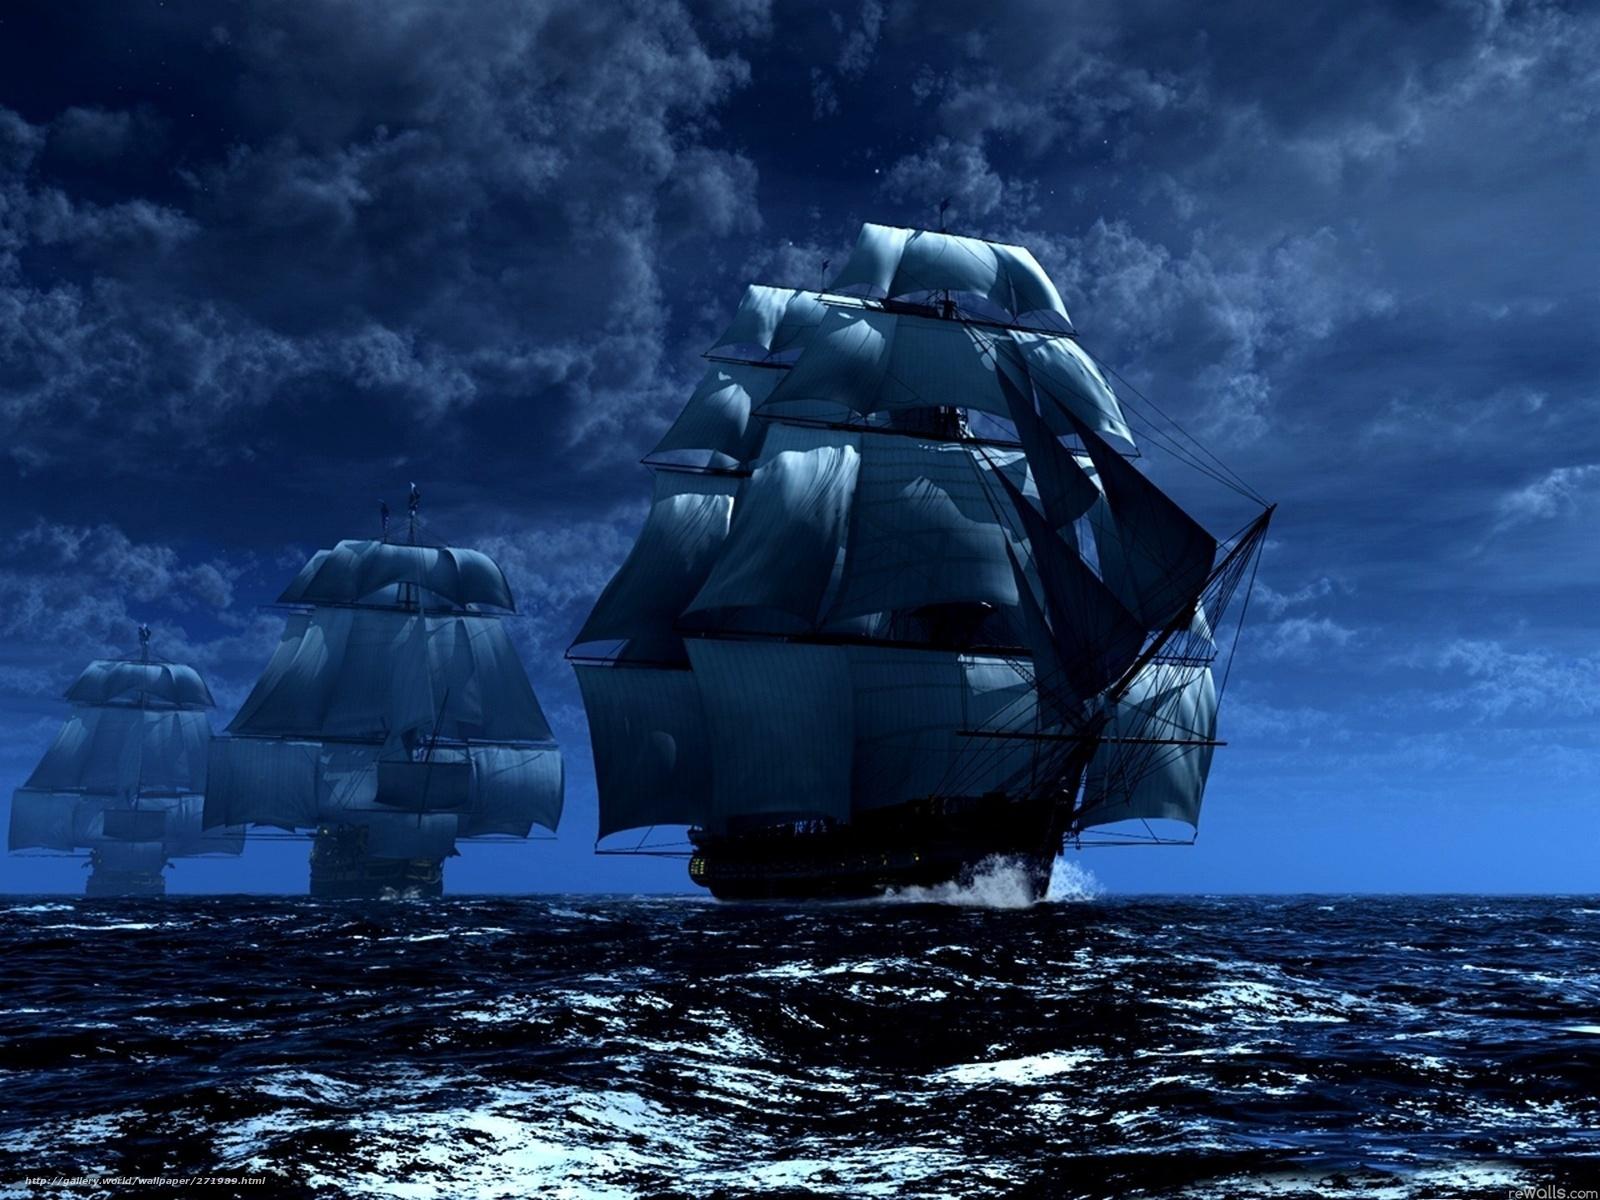 Segelschiffe auf dem meer  Download Hintergrund Schiffe, Meer, Himmel, segeln Freie desktop ...